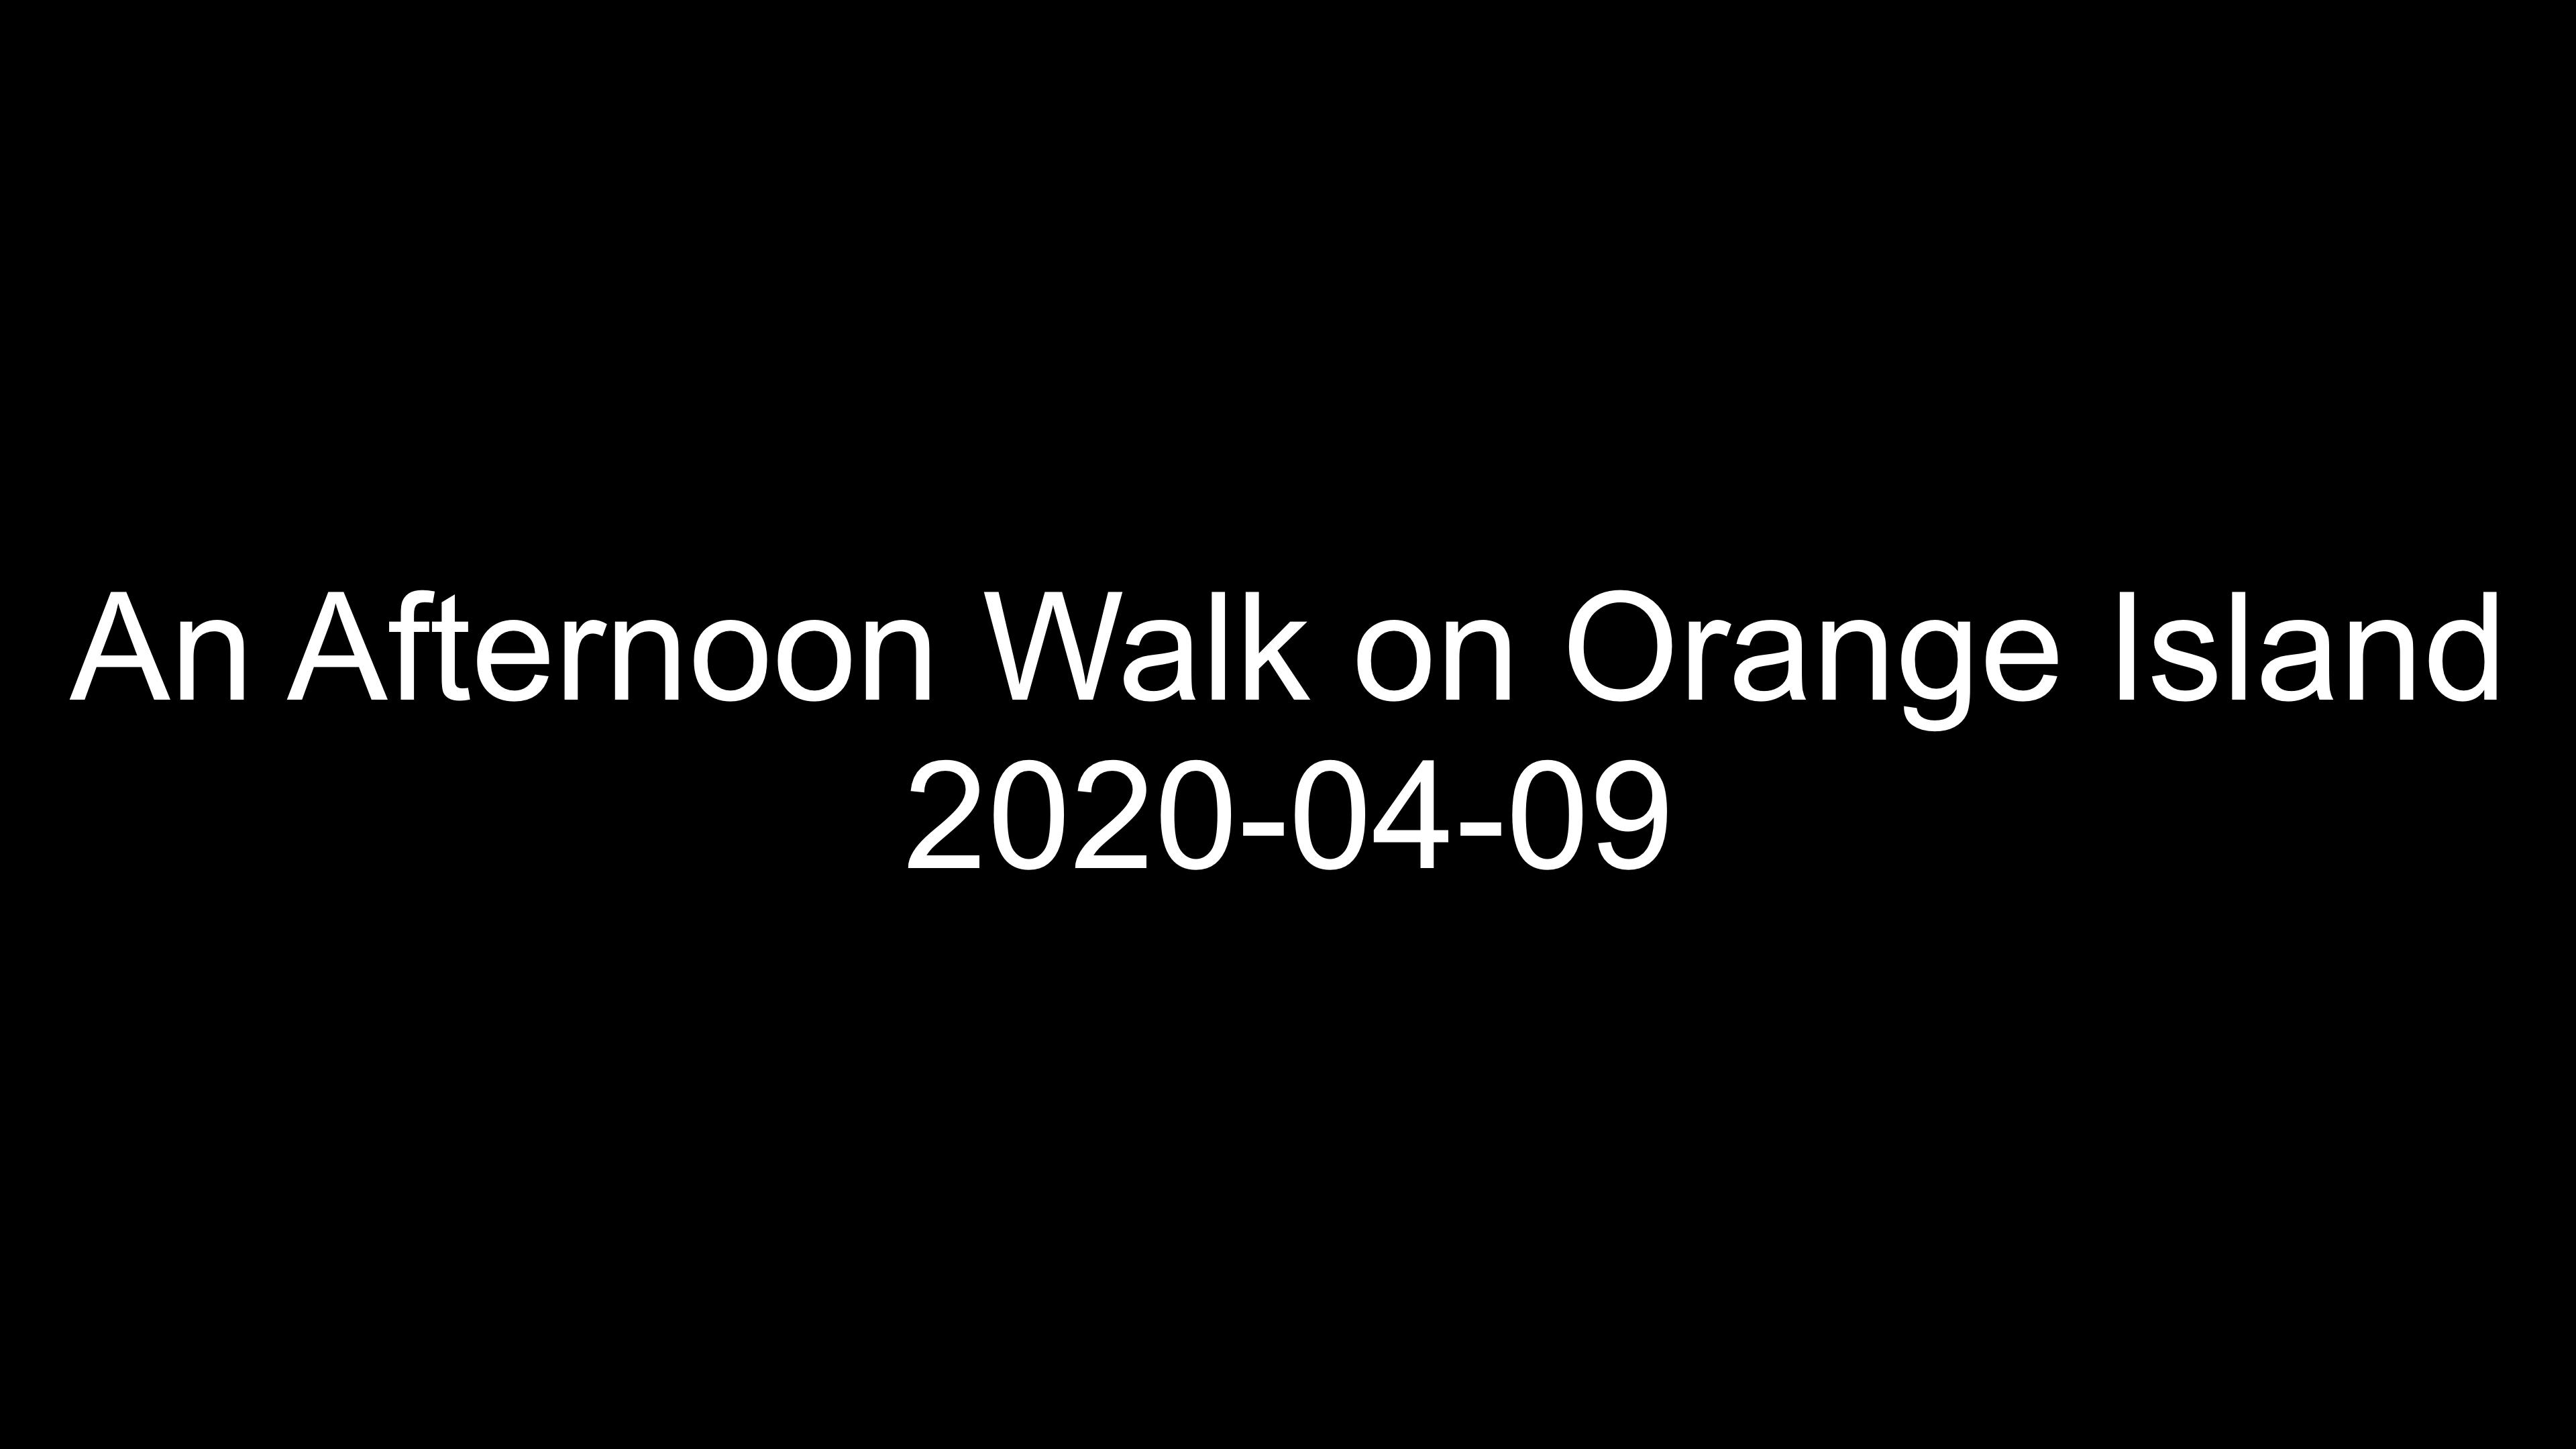 snapshot 13-04-2020 19:23